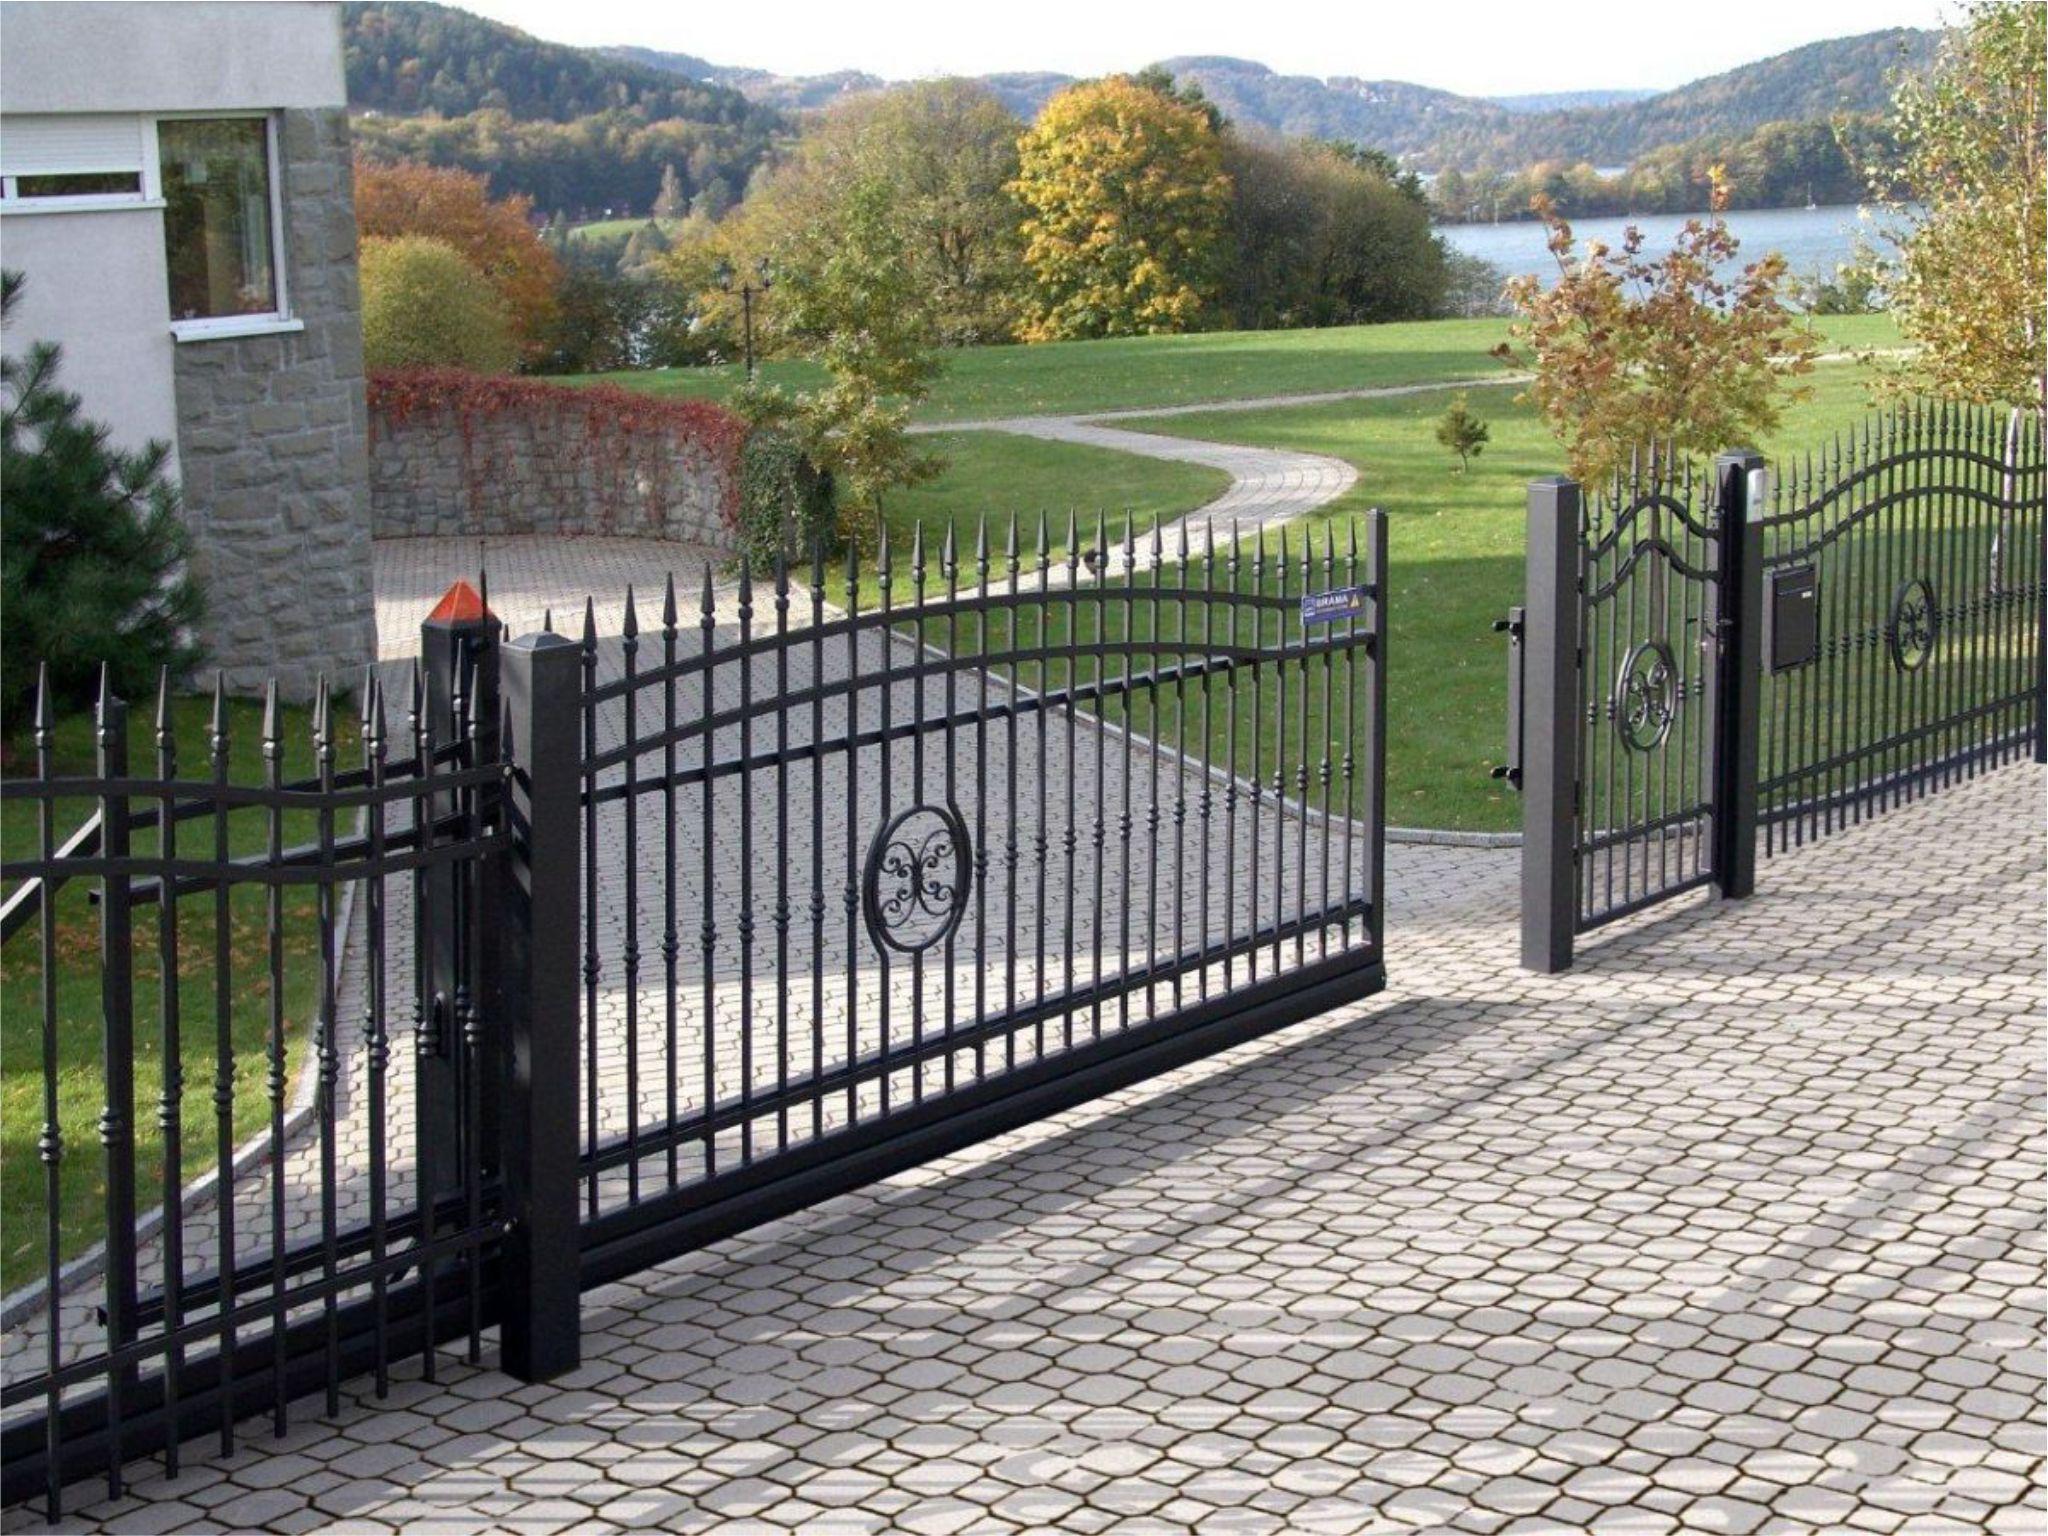 готовим десерты картинки ограды и ворот того